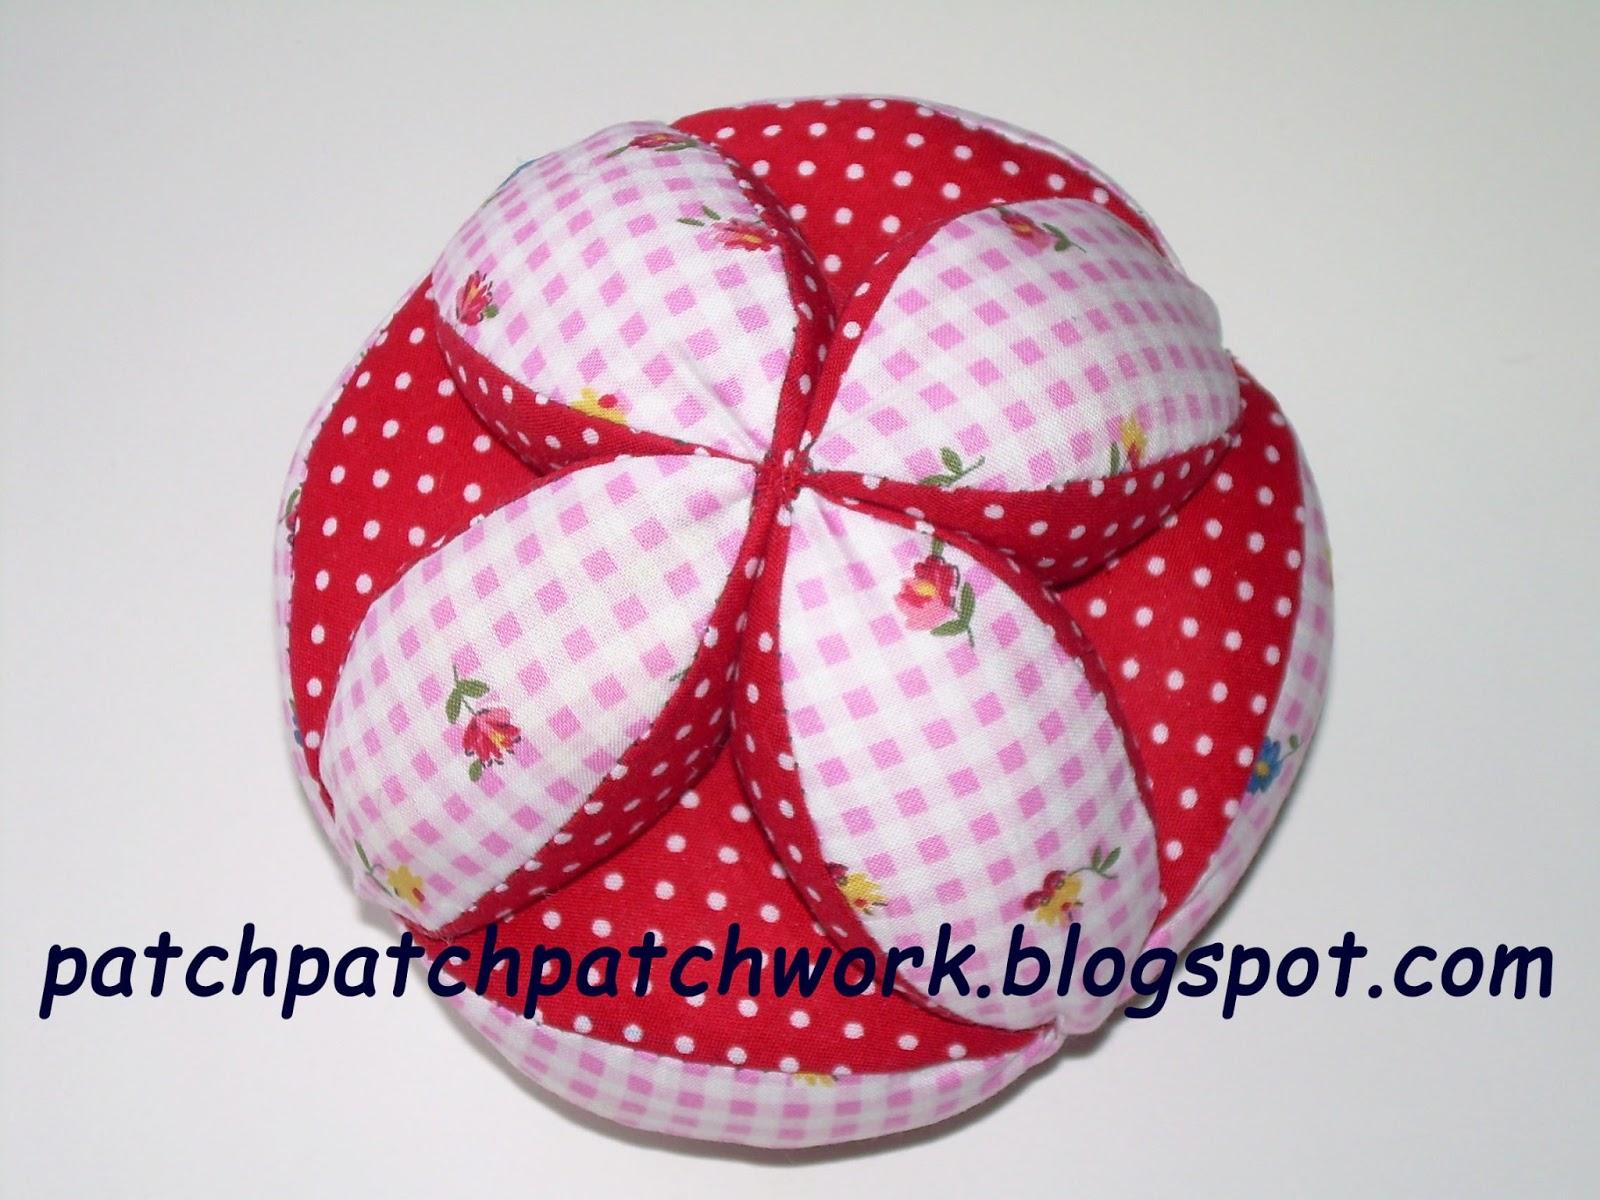 Patch patch patchwork tutorial pelota de tela de patchwork - Como hacer pachwork ...